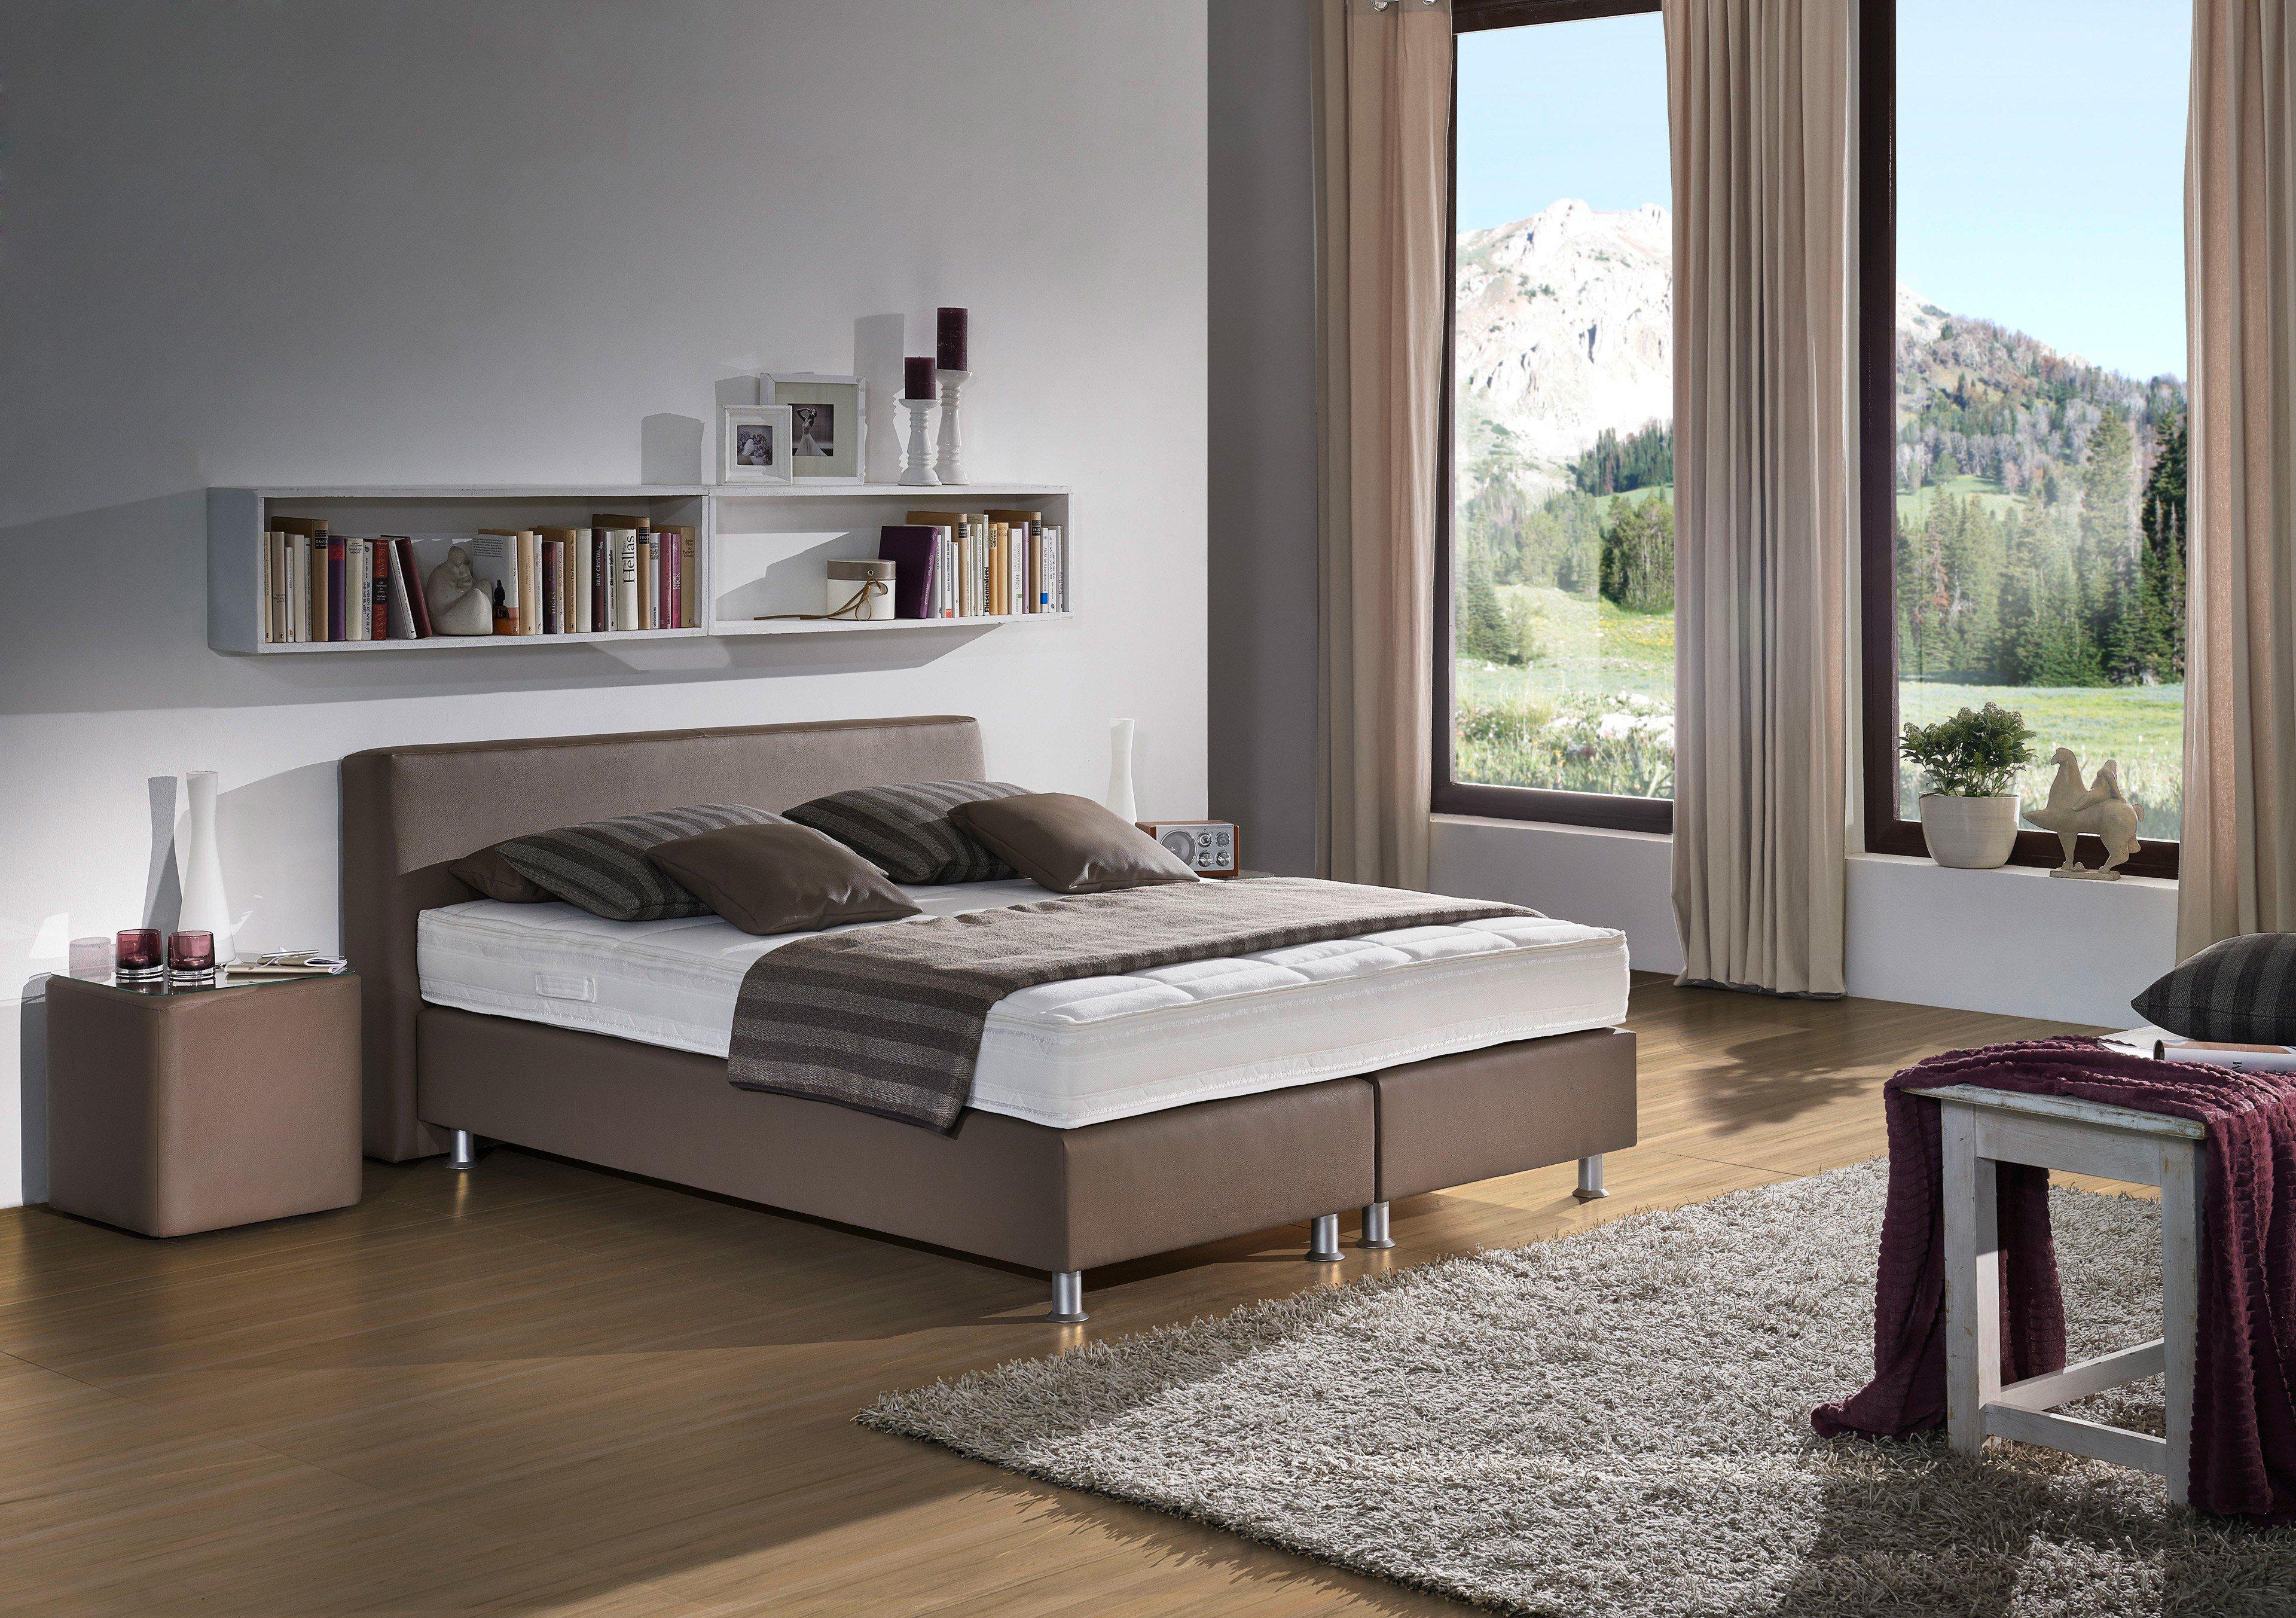 Neu Tapeten Schlafzimmer Schöner Wohnen Ideen